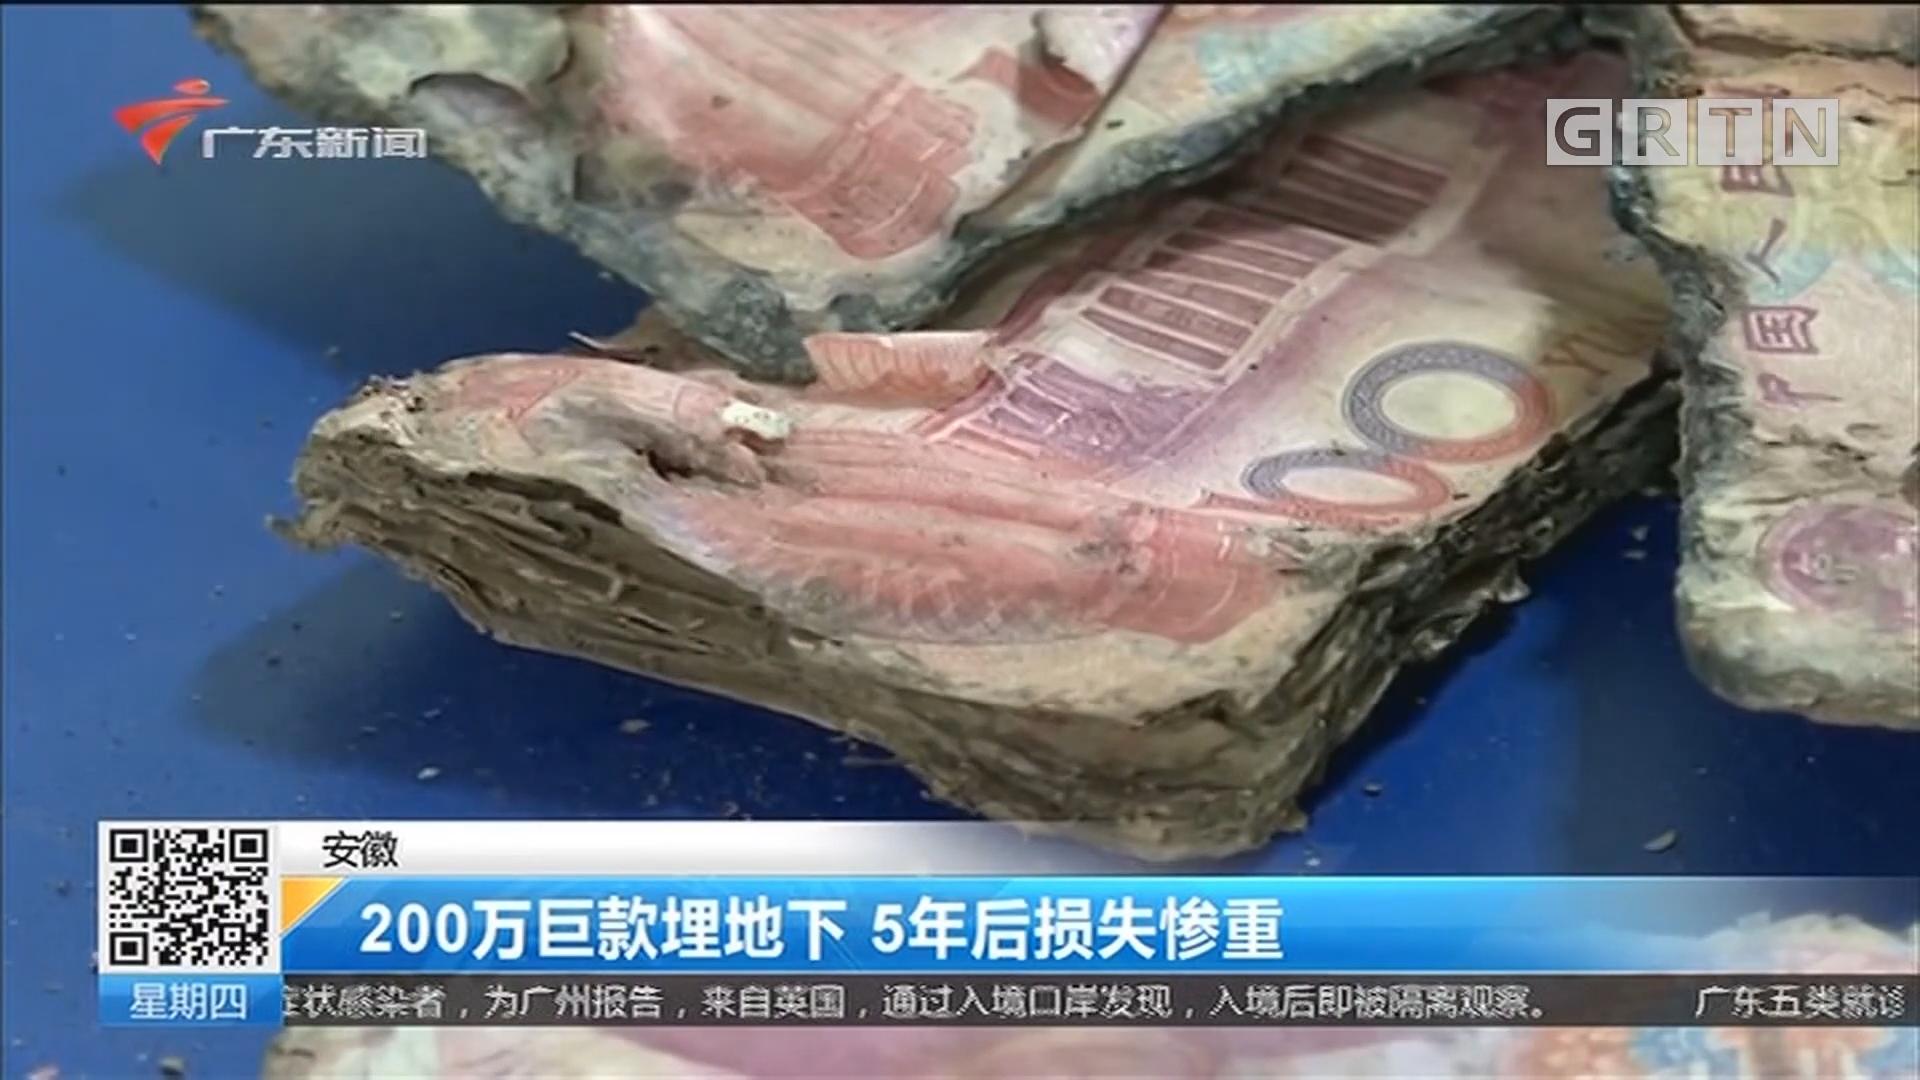 安徽 200万巨款埋地下 5年后损失惨重